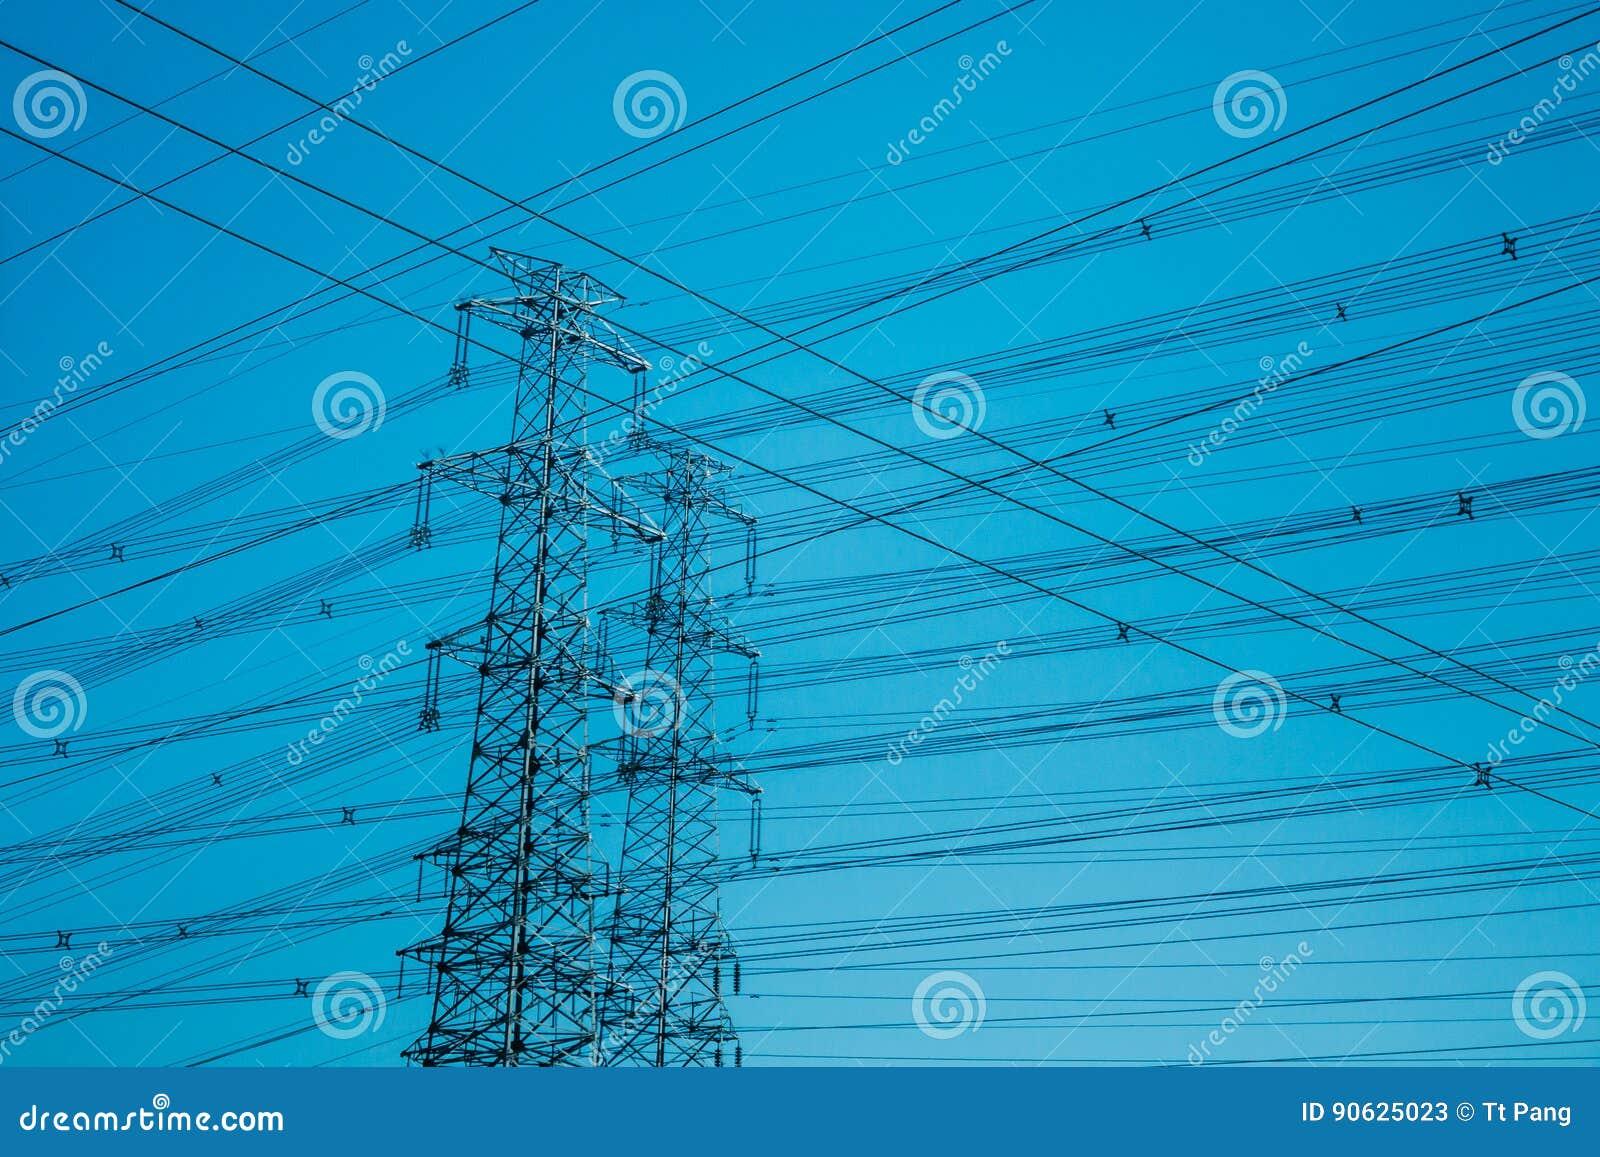 Torens met hoog voltage die tegen blauw worden gesilhouetteerd